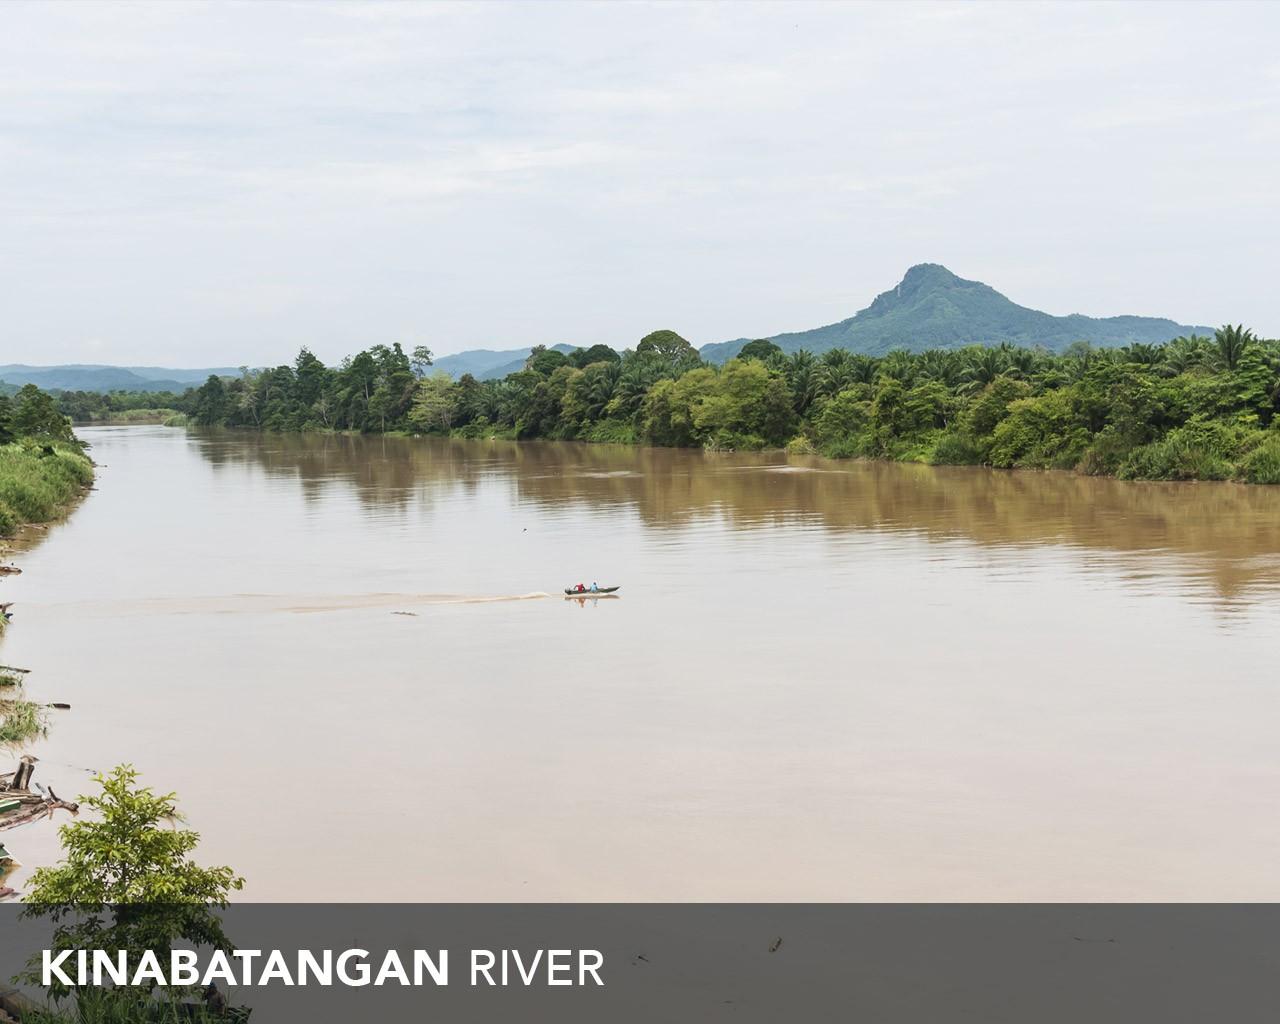 Kinabatangan River, Sandakan